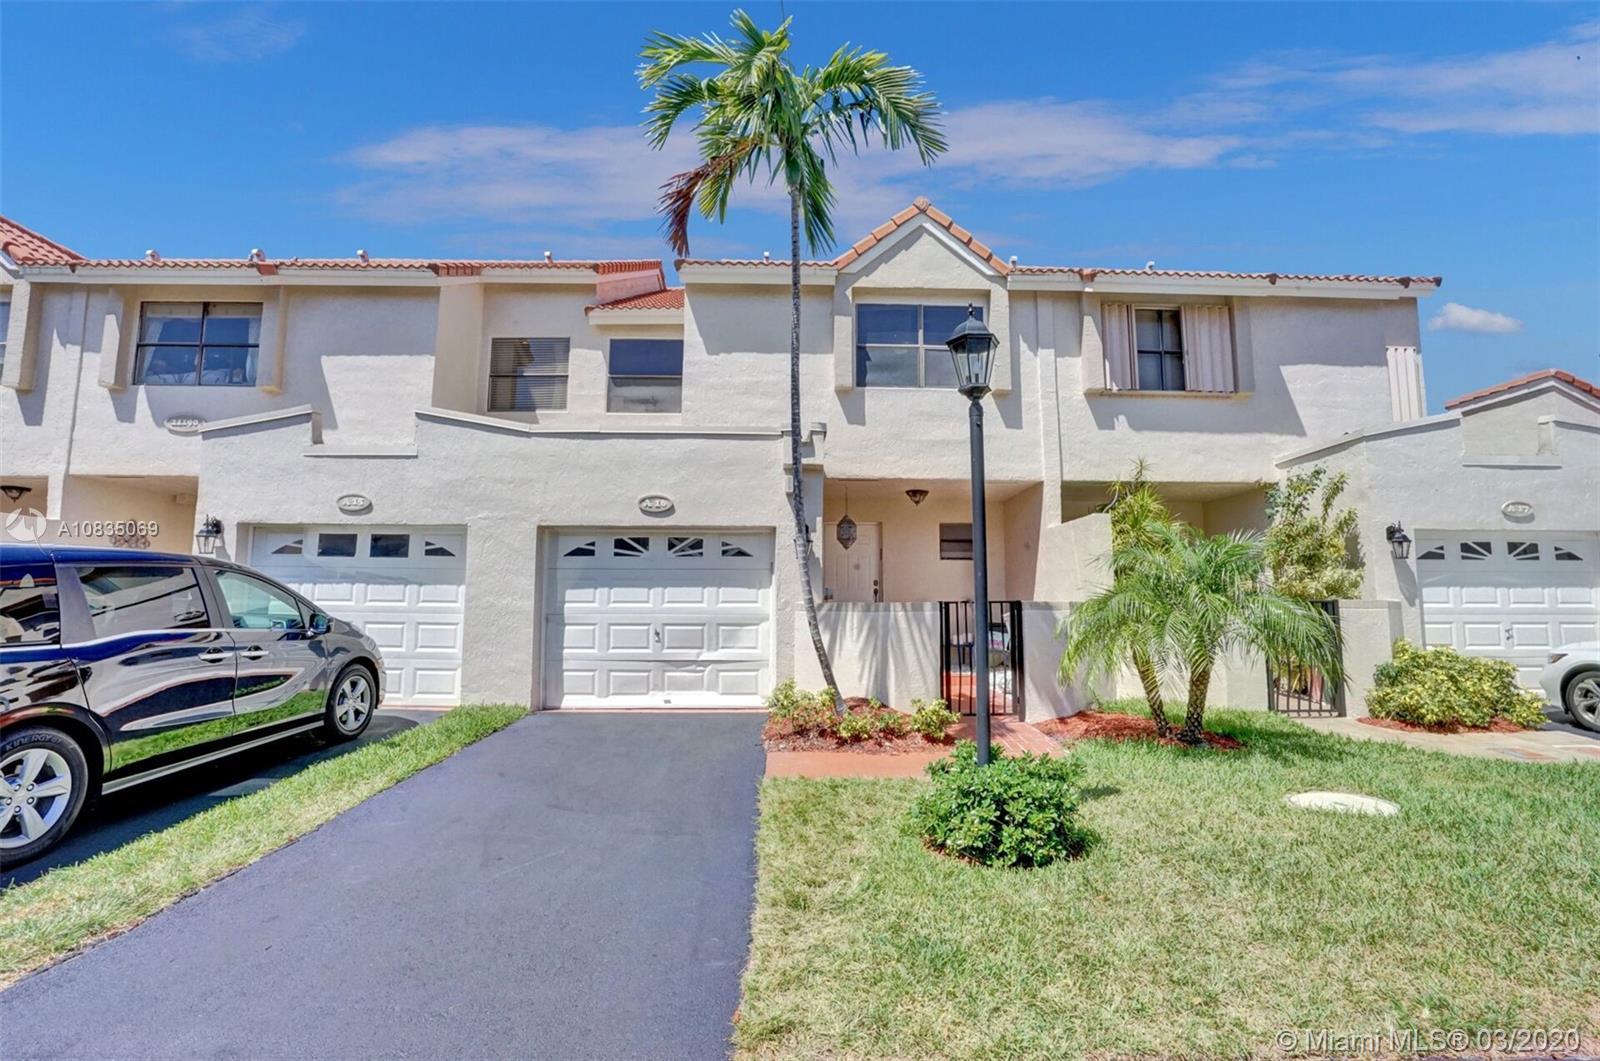 21190 Mainsail Circle #A16, Aventura, FL 33180 - Aventura, FL real estate listing